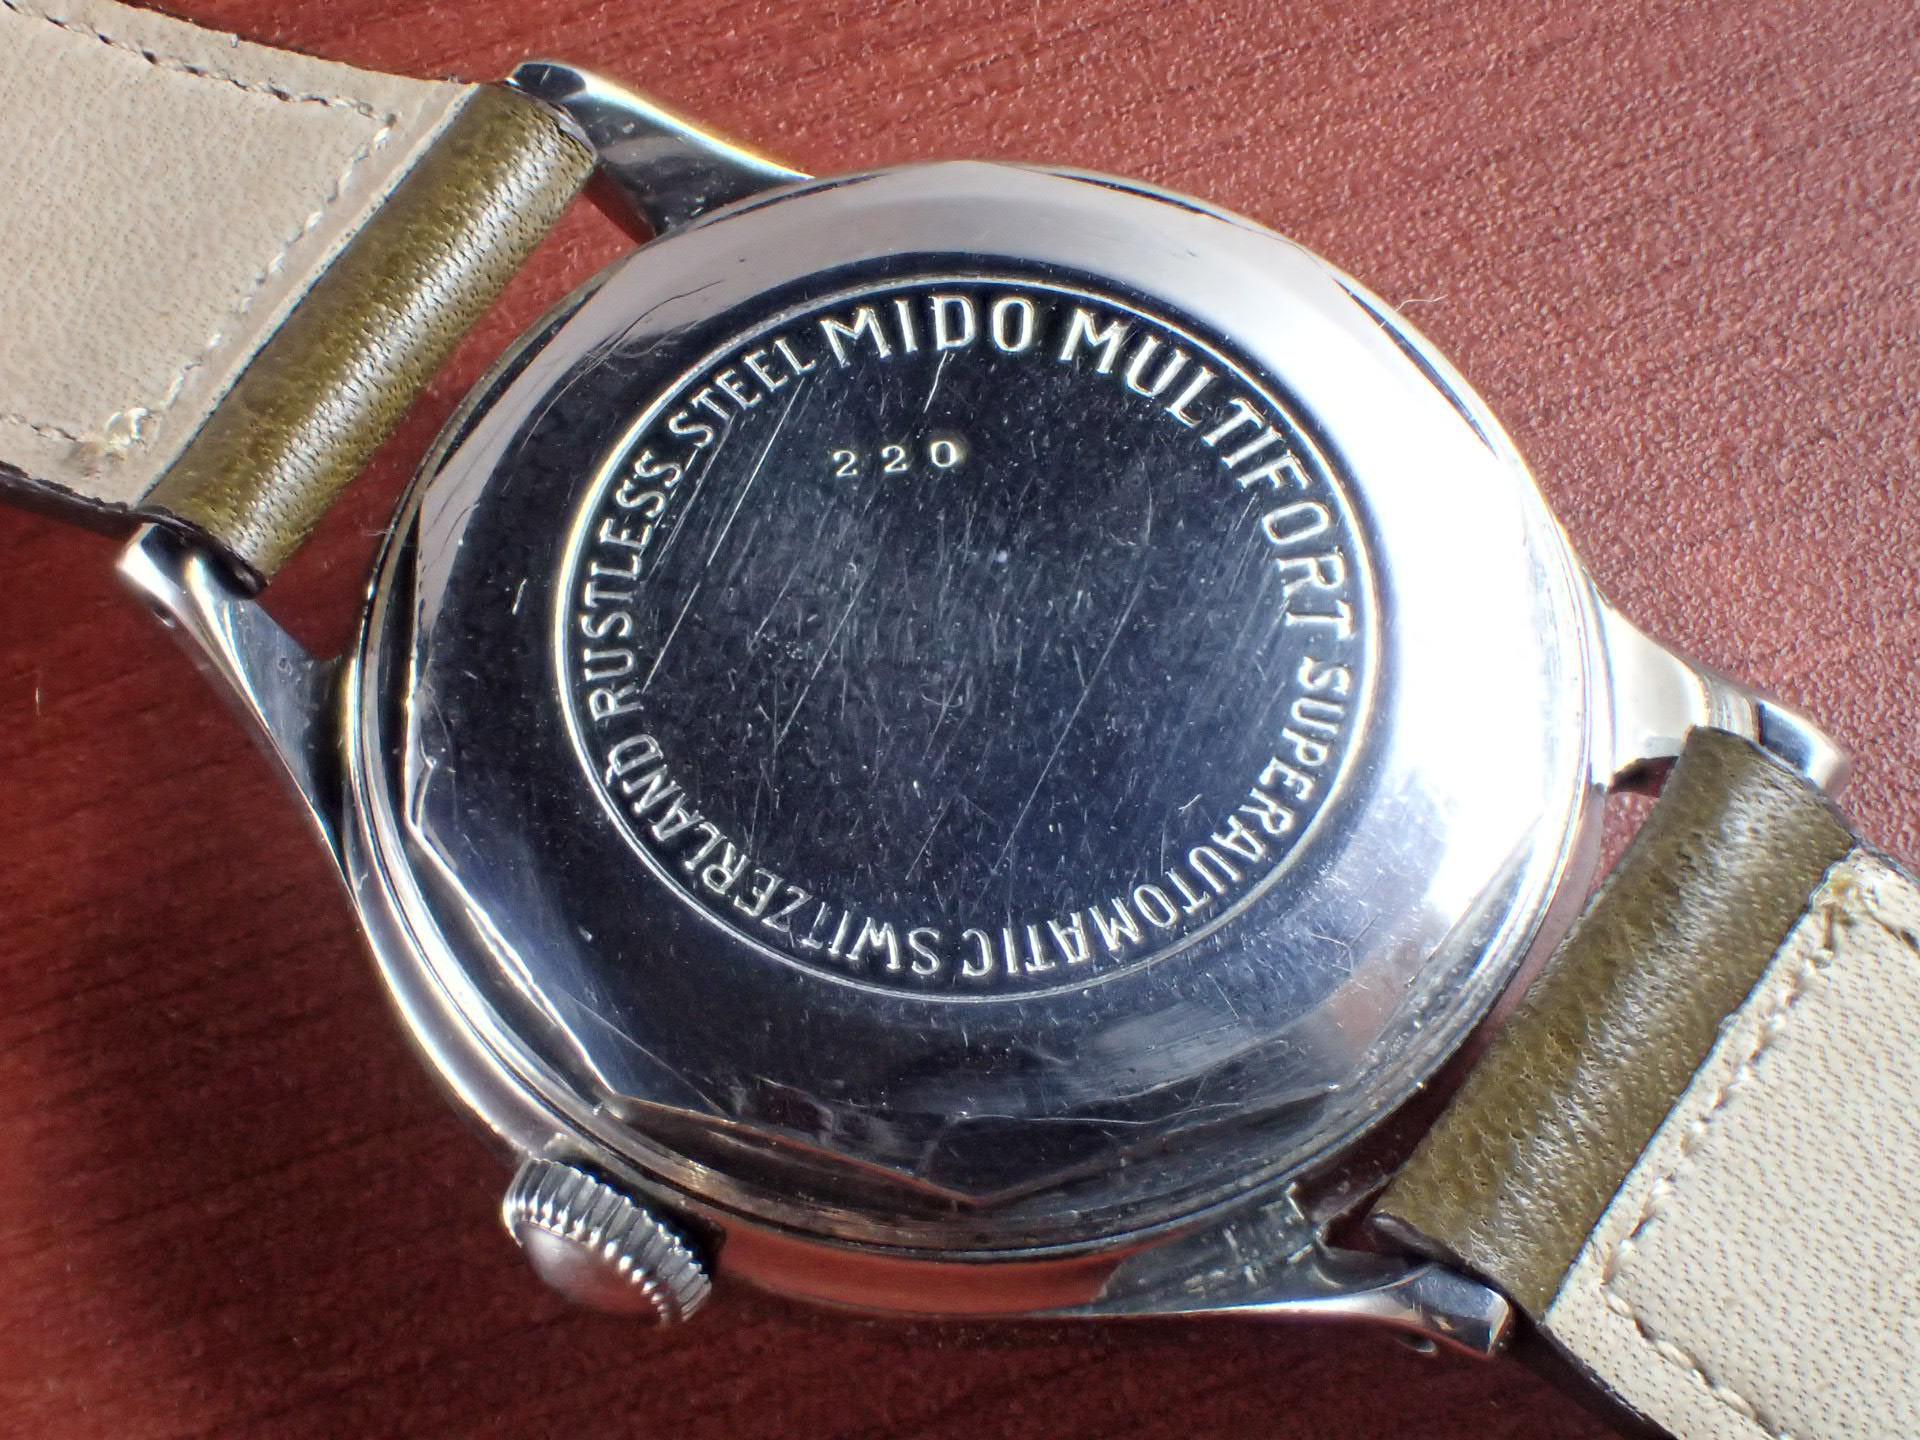 ミドー マルチフォート ラージケース 34mm 2トーンダイアル 1940年代の写真4枚目